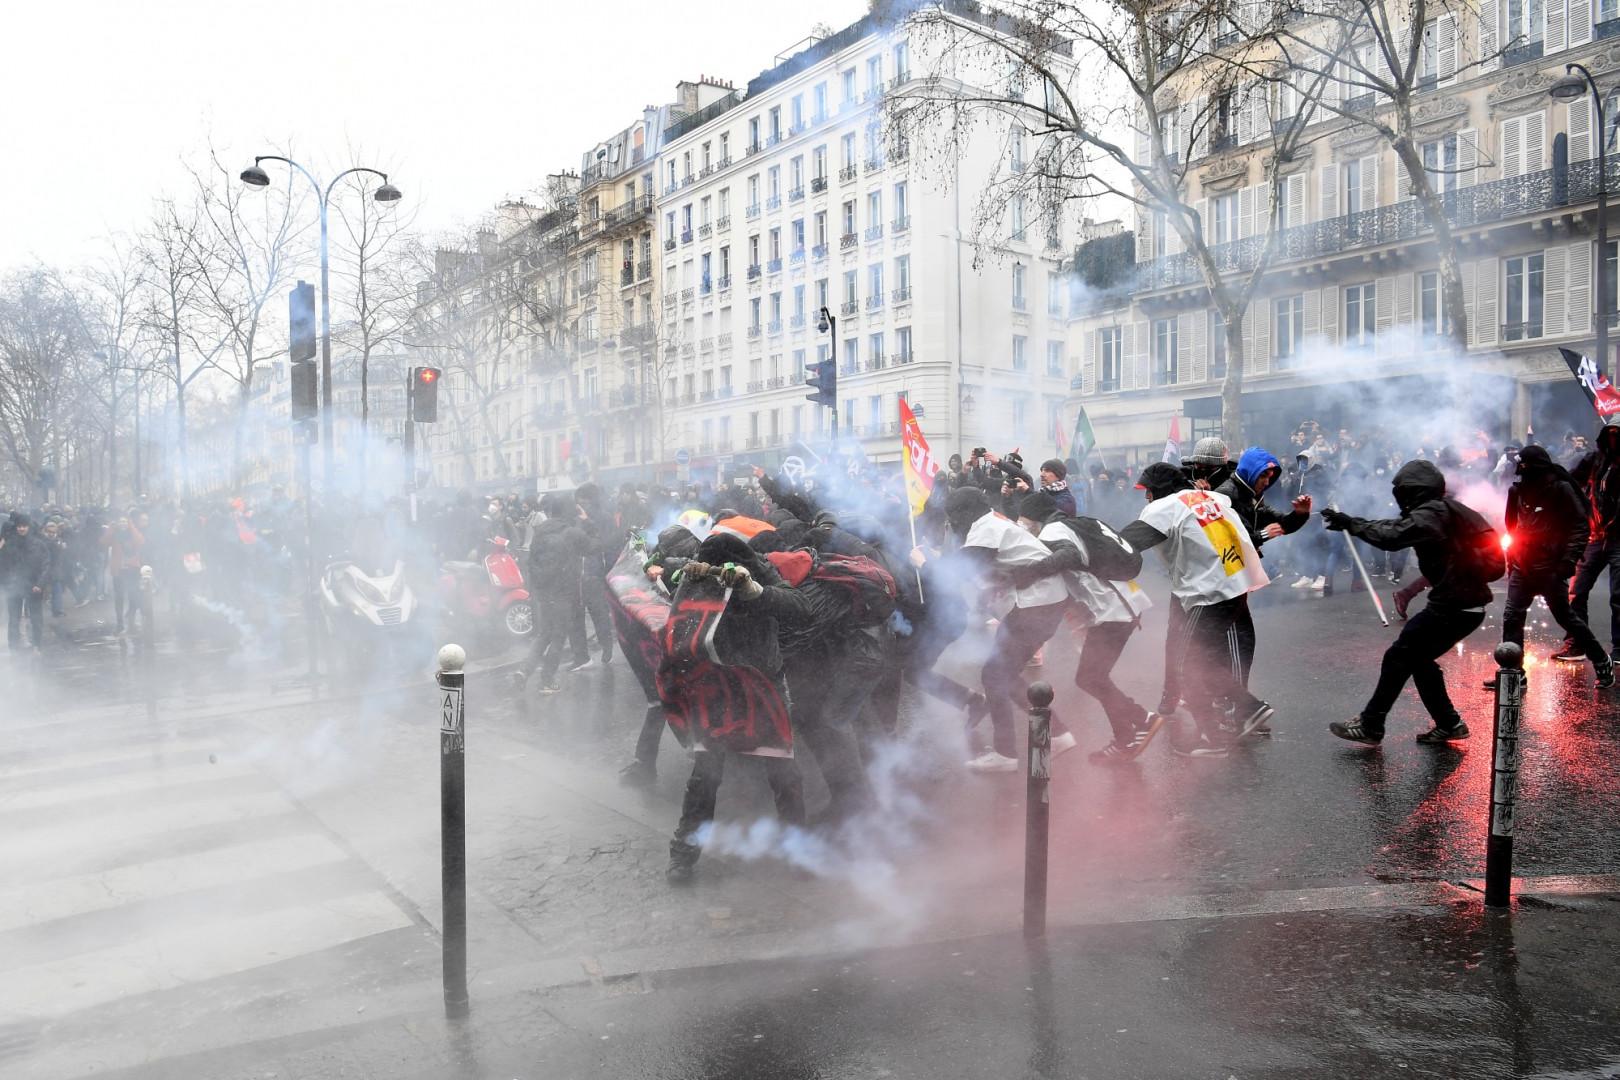 Des affrontements entre forces de l'ordre et manifestants à Paris le 22 mars